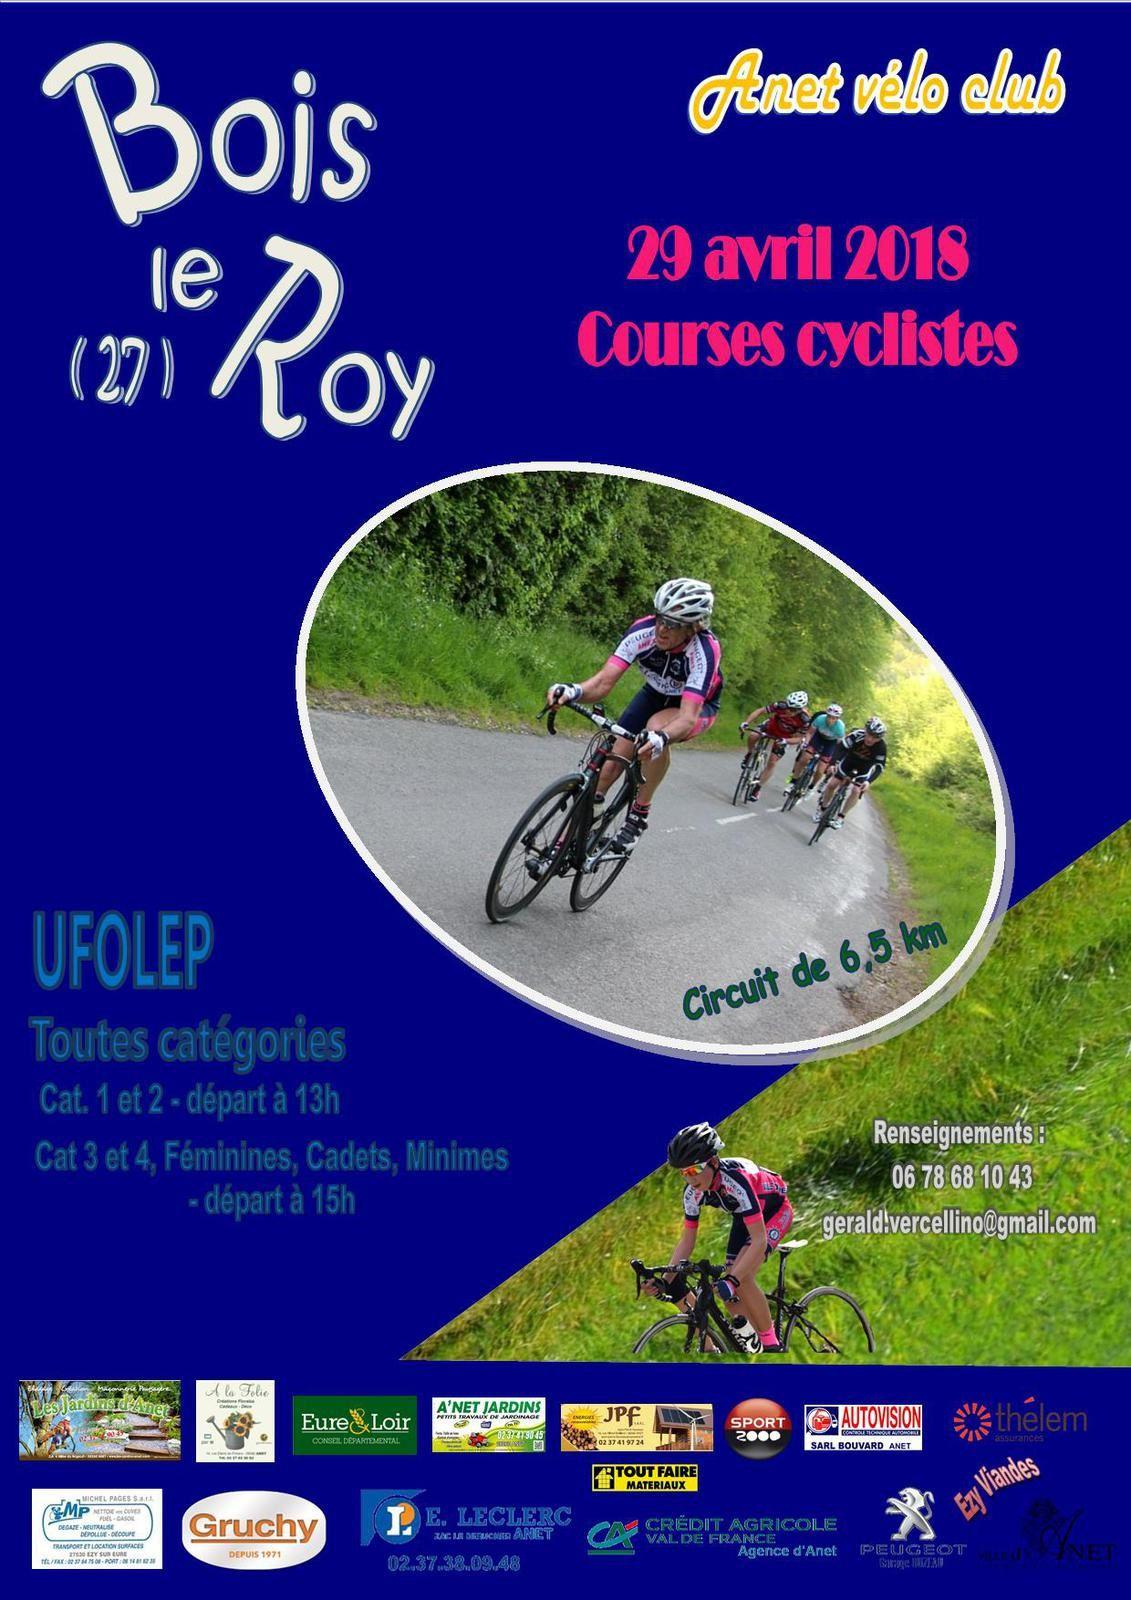 L'affiche de la course UFOLEP de Bois Le Roy (27) du dimanche 29 avril 2018